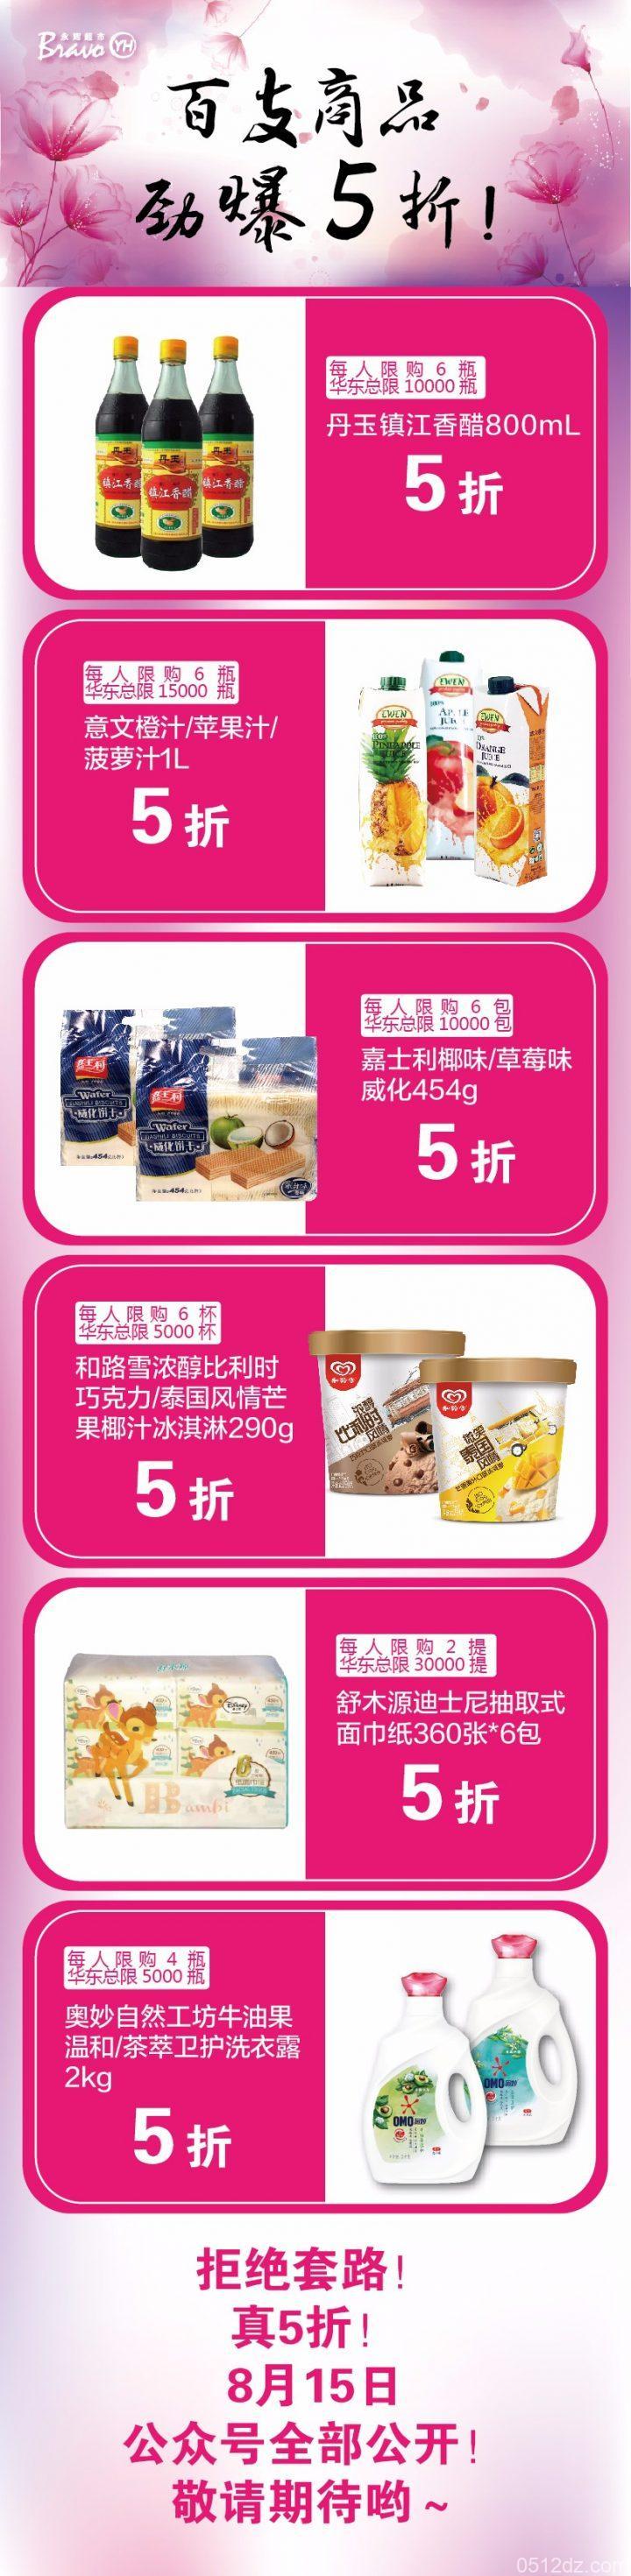 弥敦城永辉超市5折活动